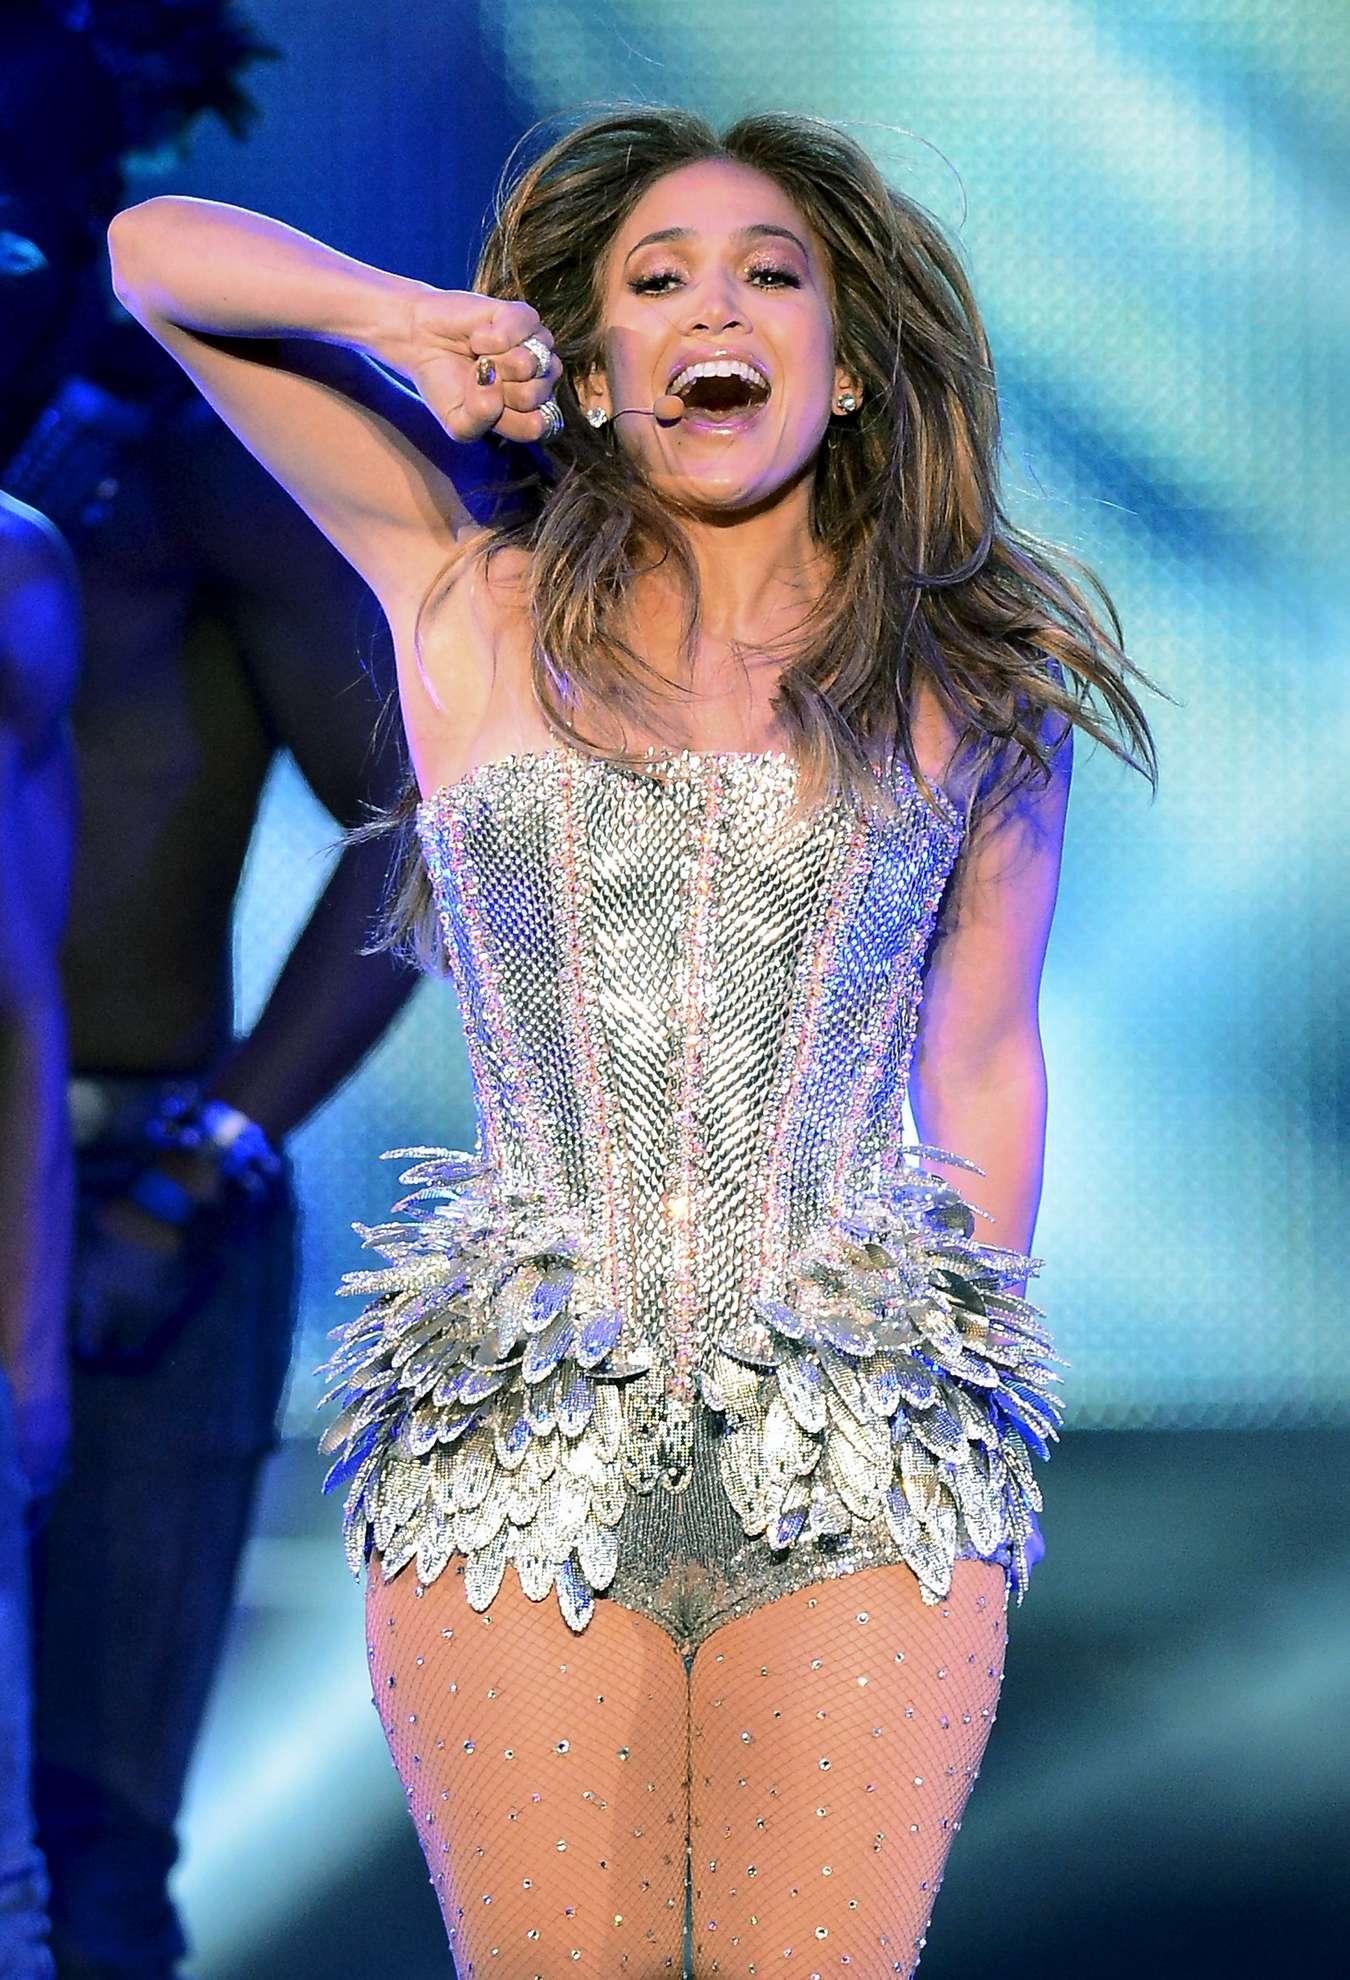 Jennifer Lopez Hot Photos On Stage 11 Gotceleb